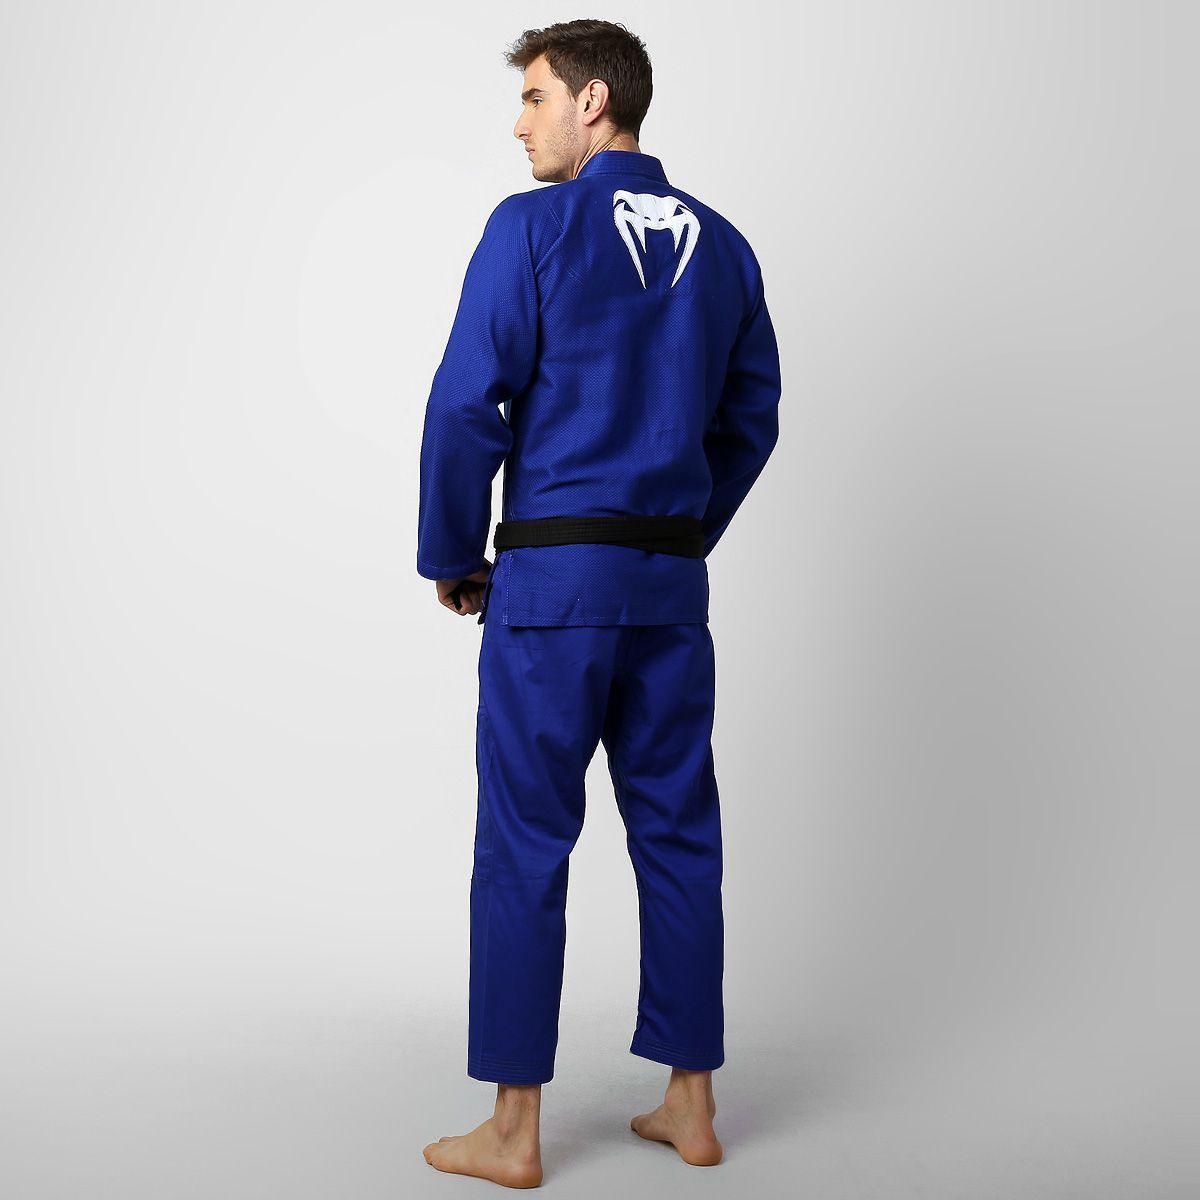 Kimono Jiu Jitsu Contender BJJ - Trancado - Venum - Azul -  - Loja do Competidor